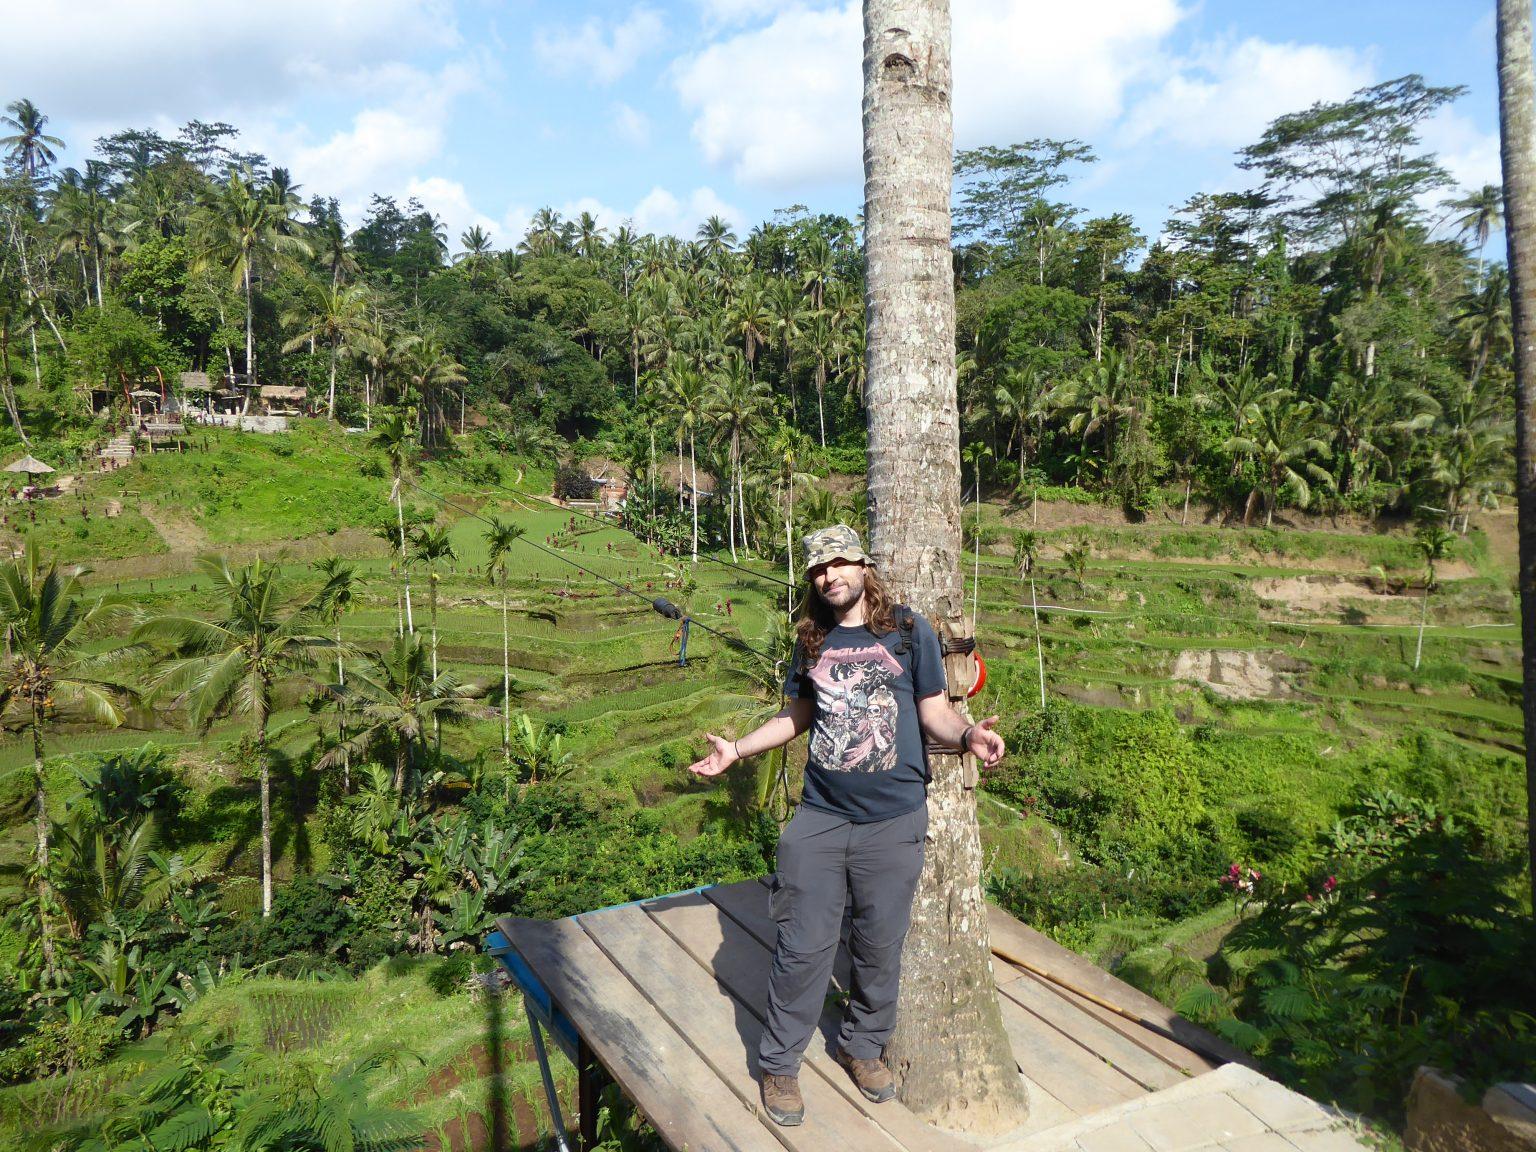 Posing at the Tegallalang rice terraces